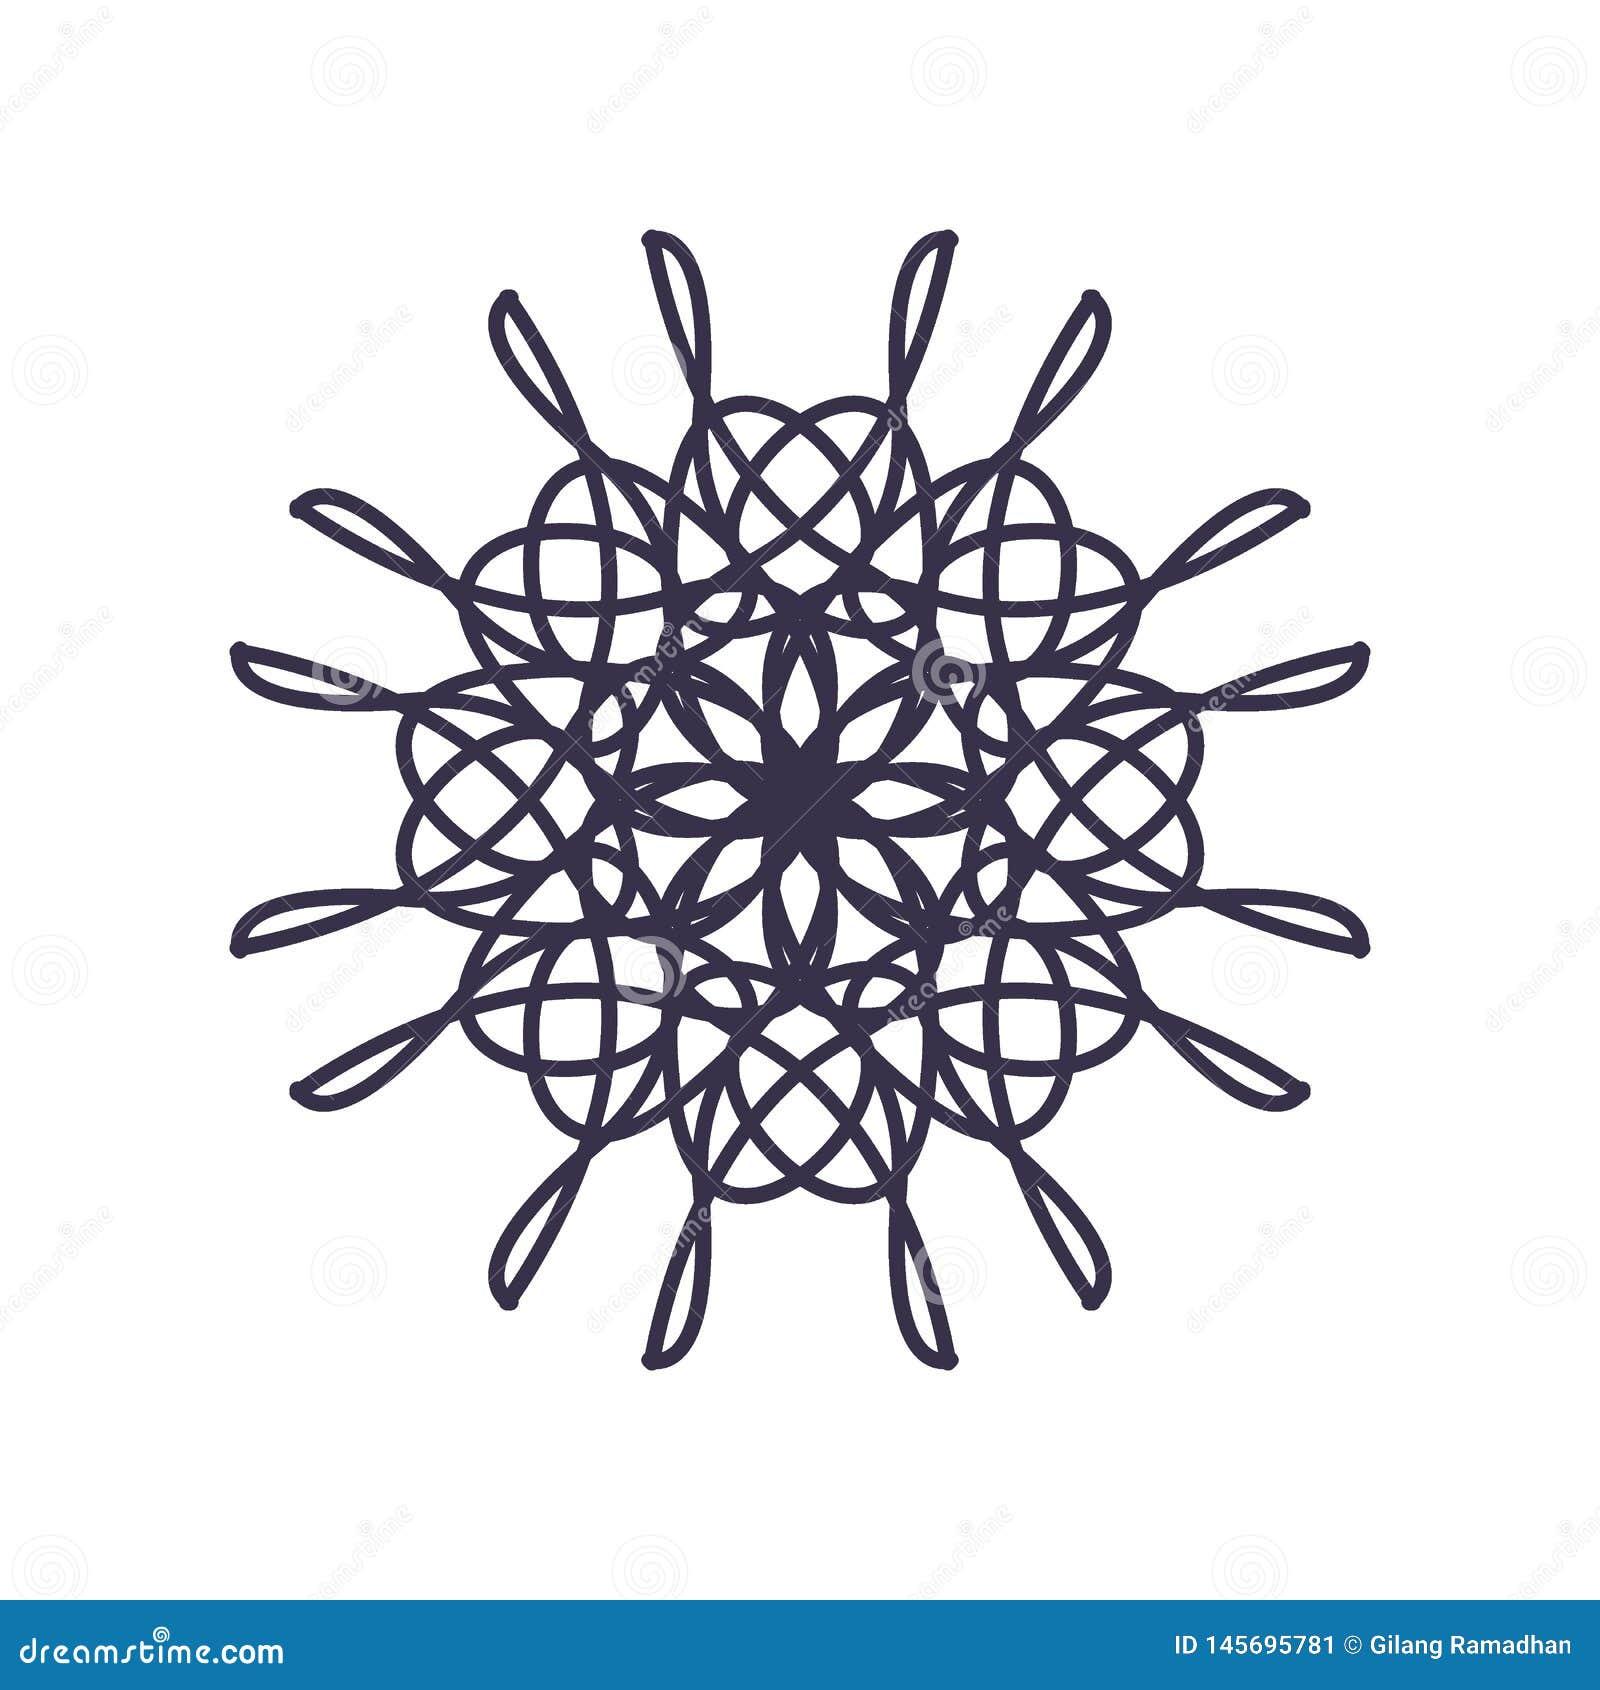 Estratto Mandala Geometry Outline per la decorazione o il tatuaggio